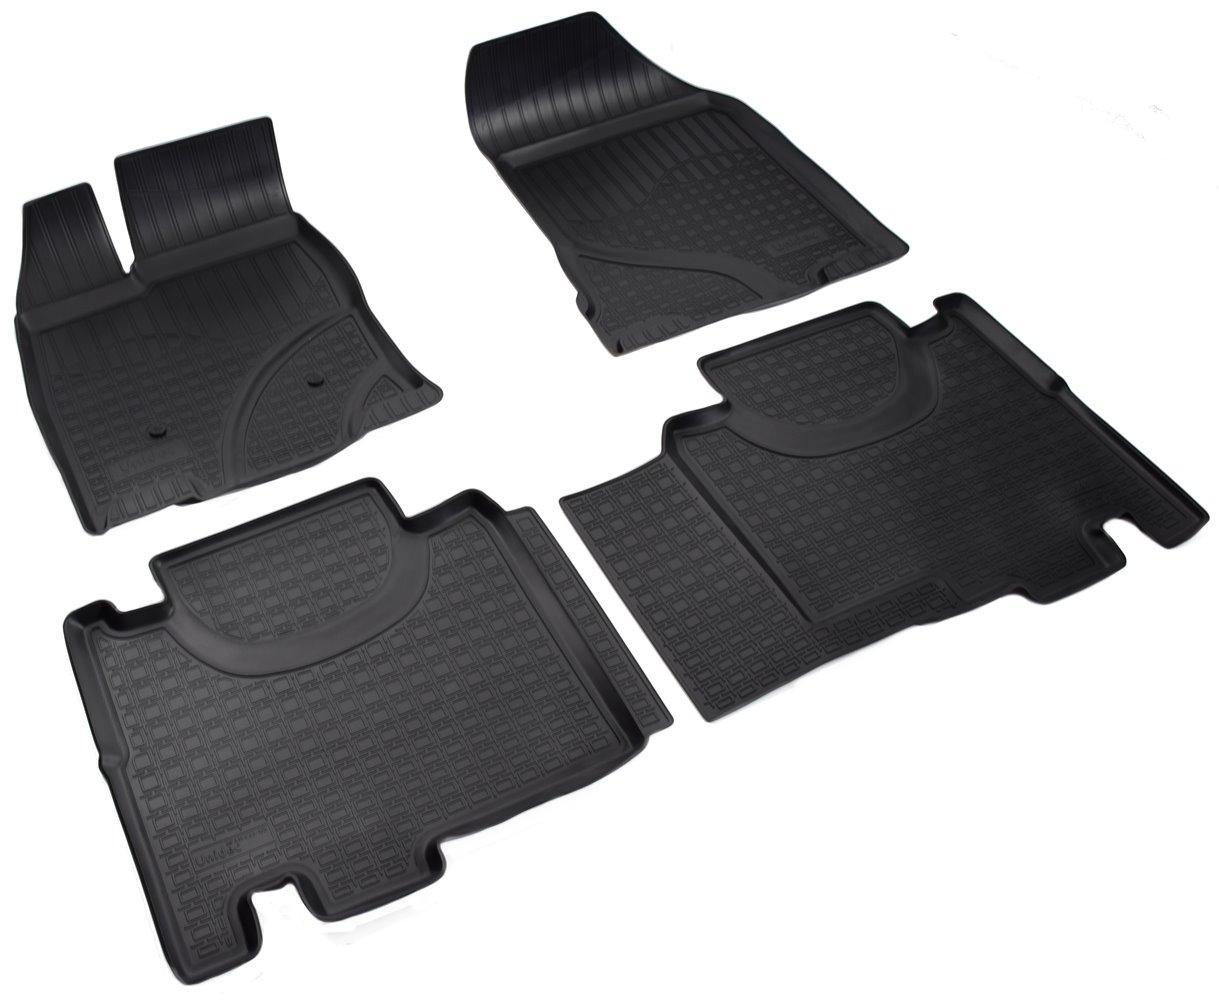 Килимки в салон для Ford Edge (14-) (полиур., компл - 4шт) NPA11-C22-120